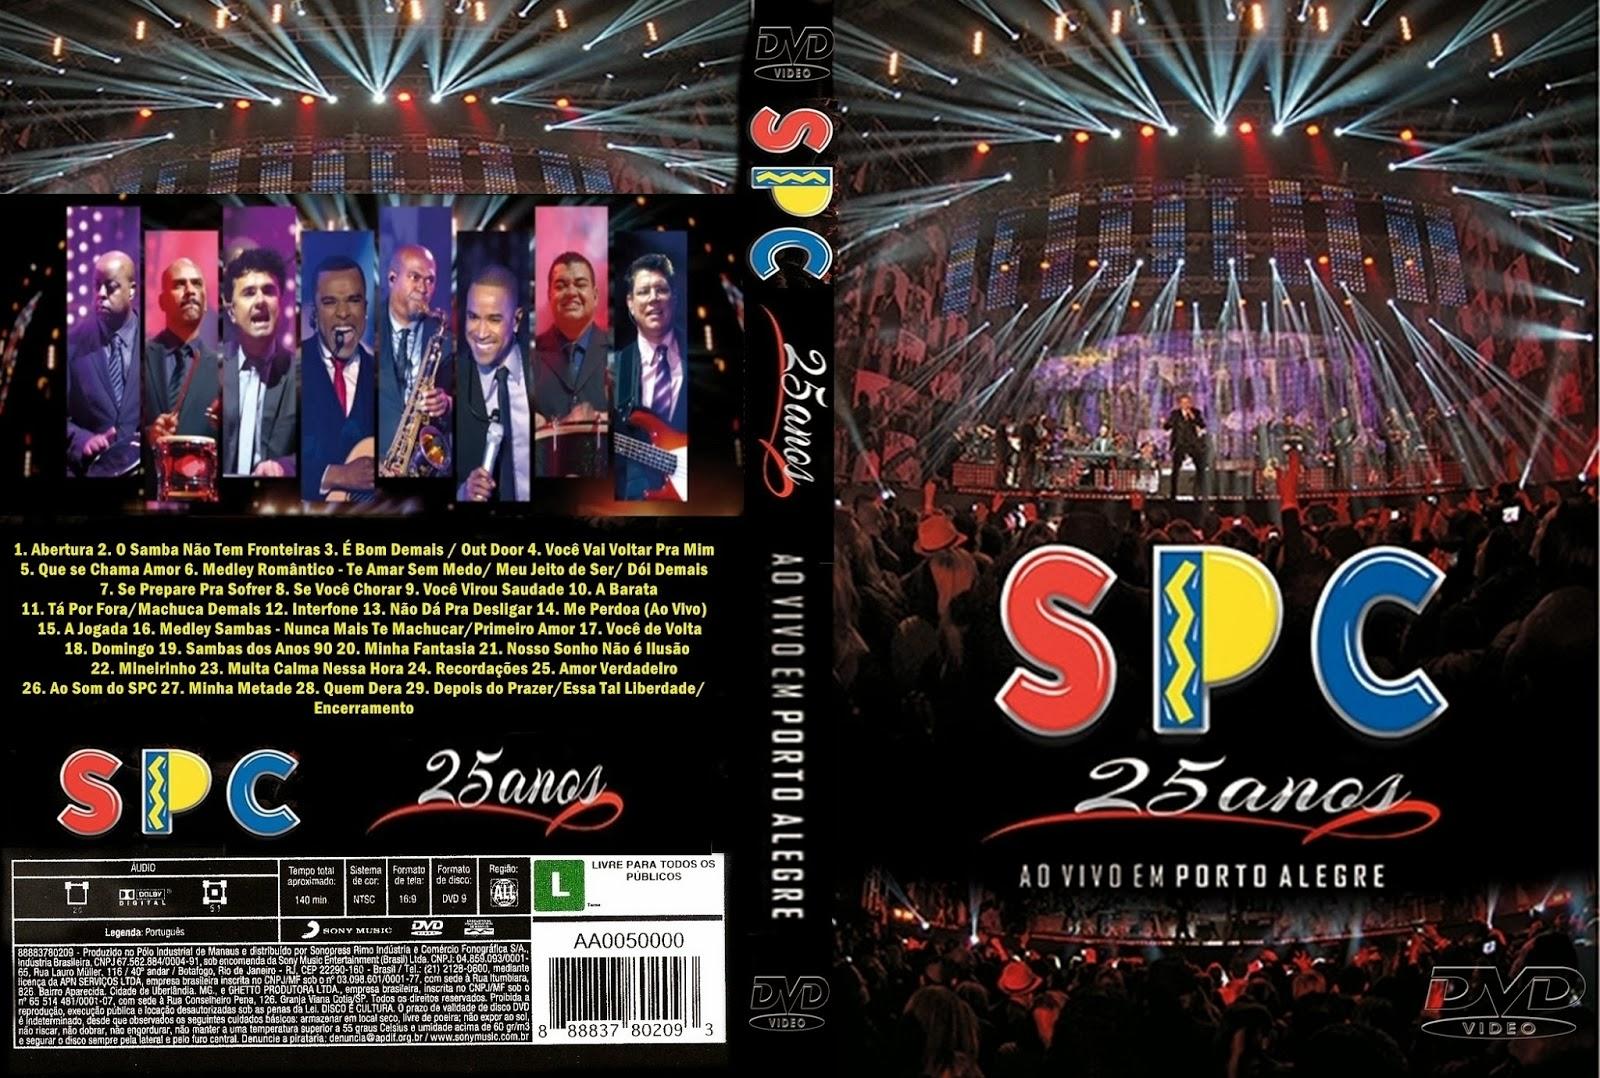 SPC 25 Anos Ao Vivo em Porto Alegre DVD-R 7182a2a09d